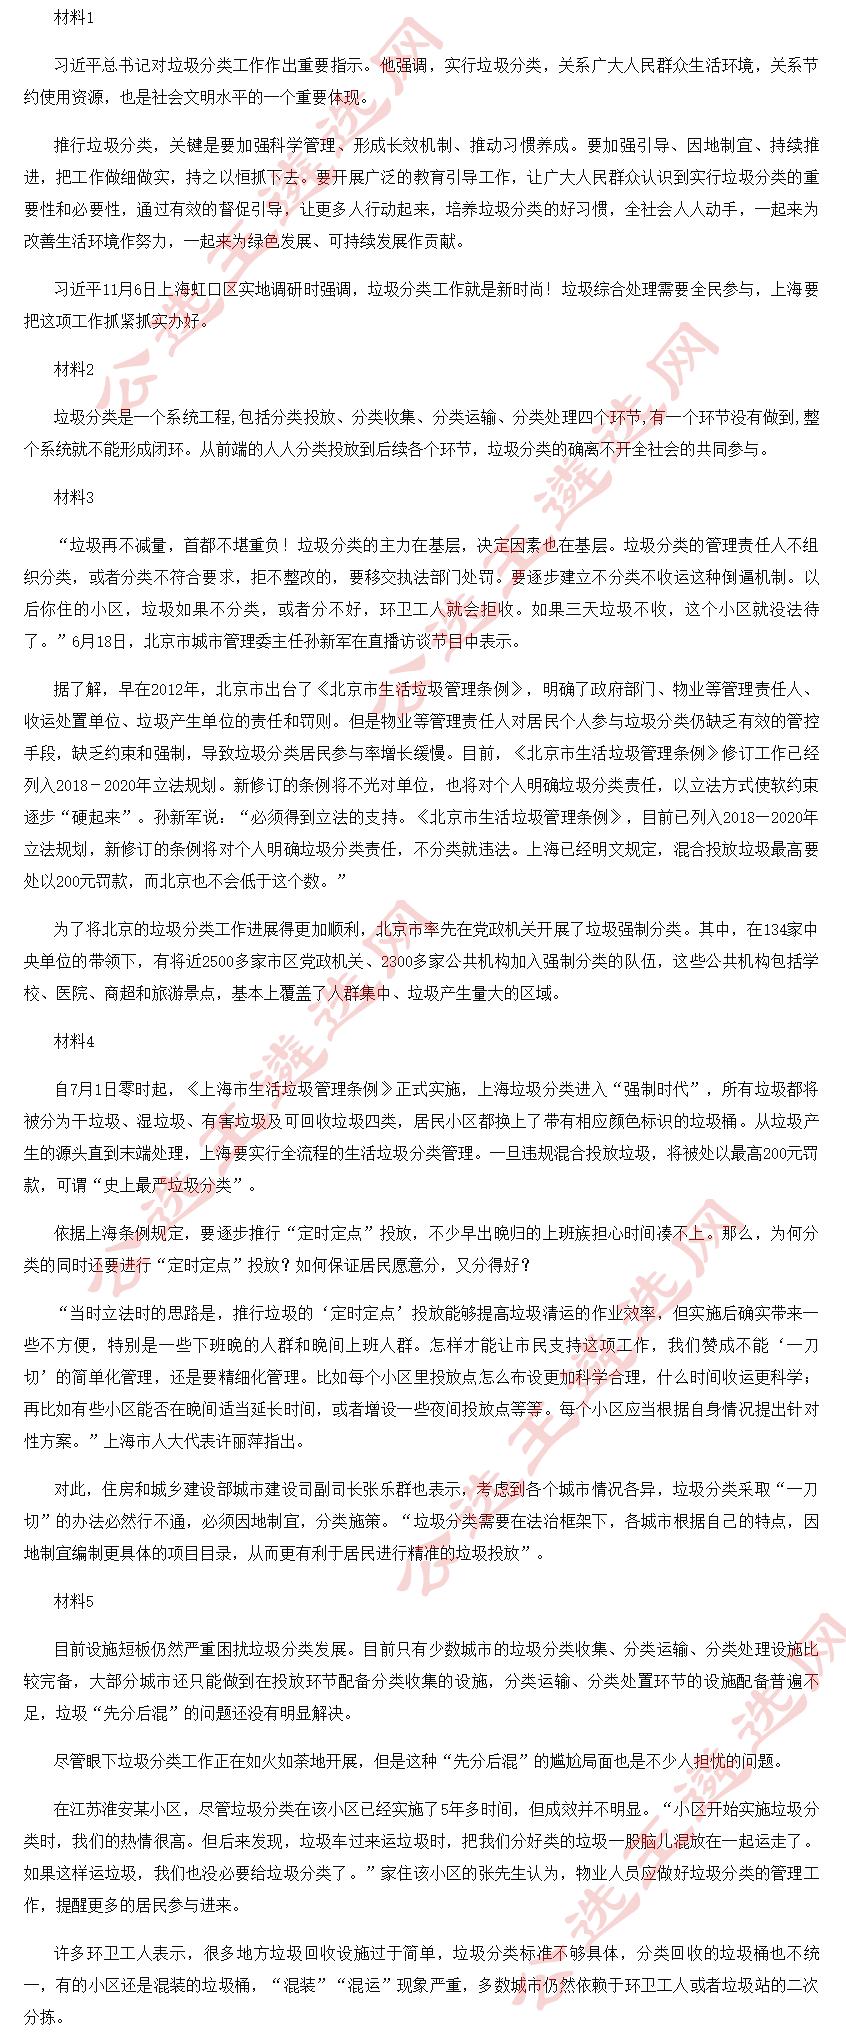 天津材料4.png